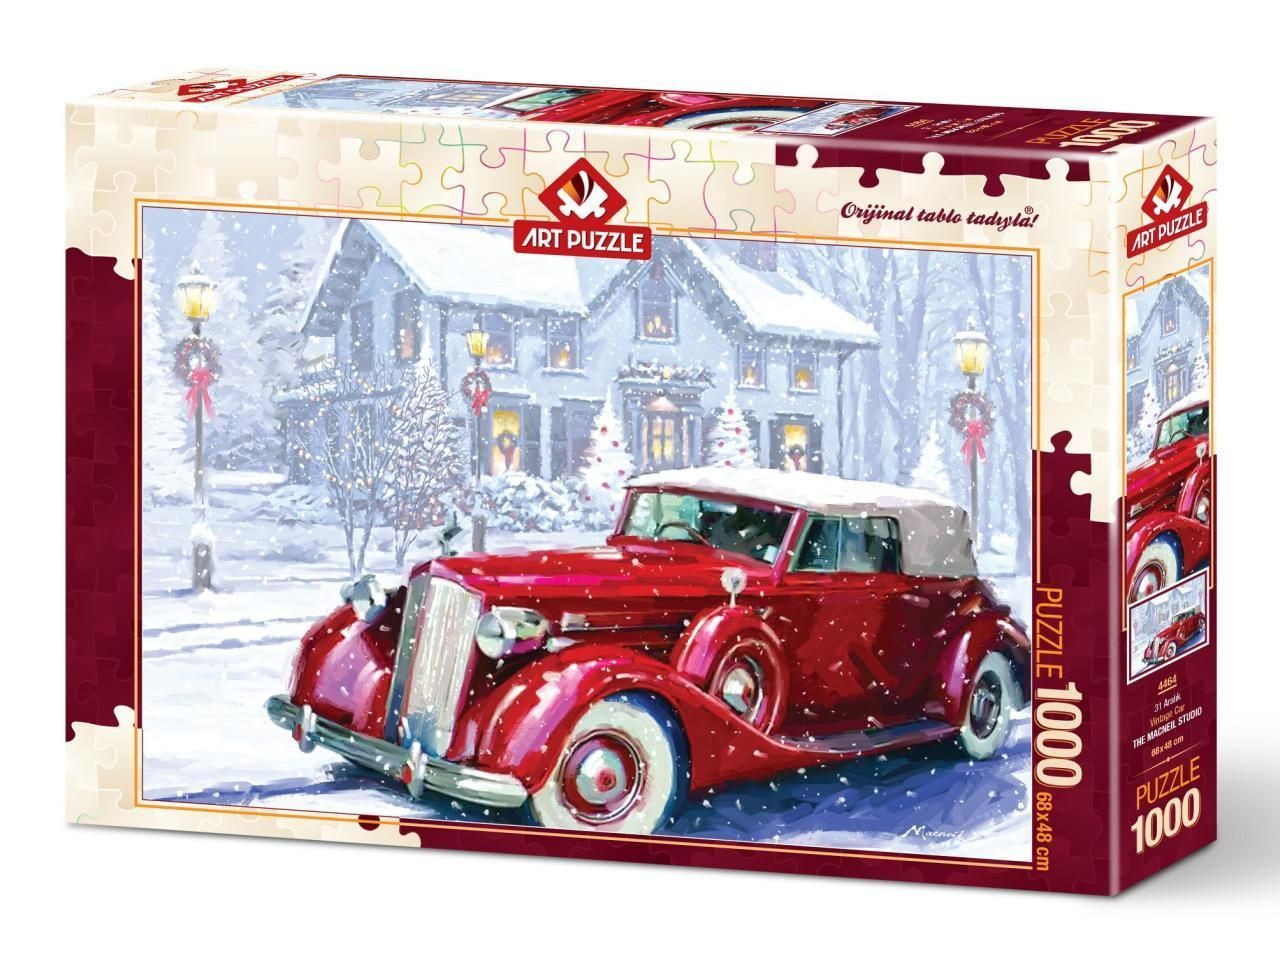 Art Puzzle 31 Aralık 1000 Parça